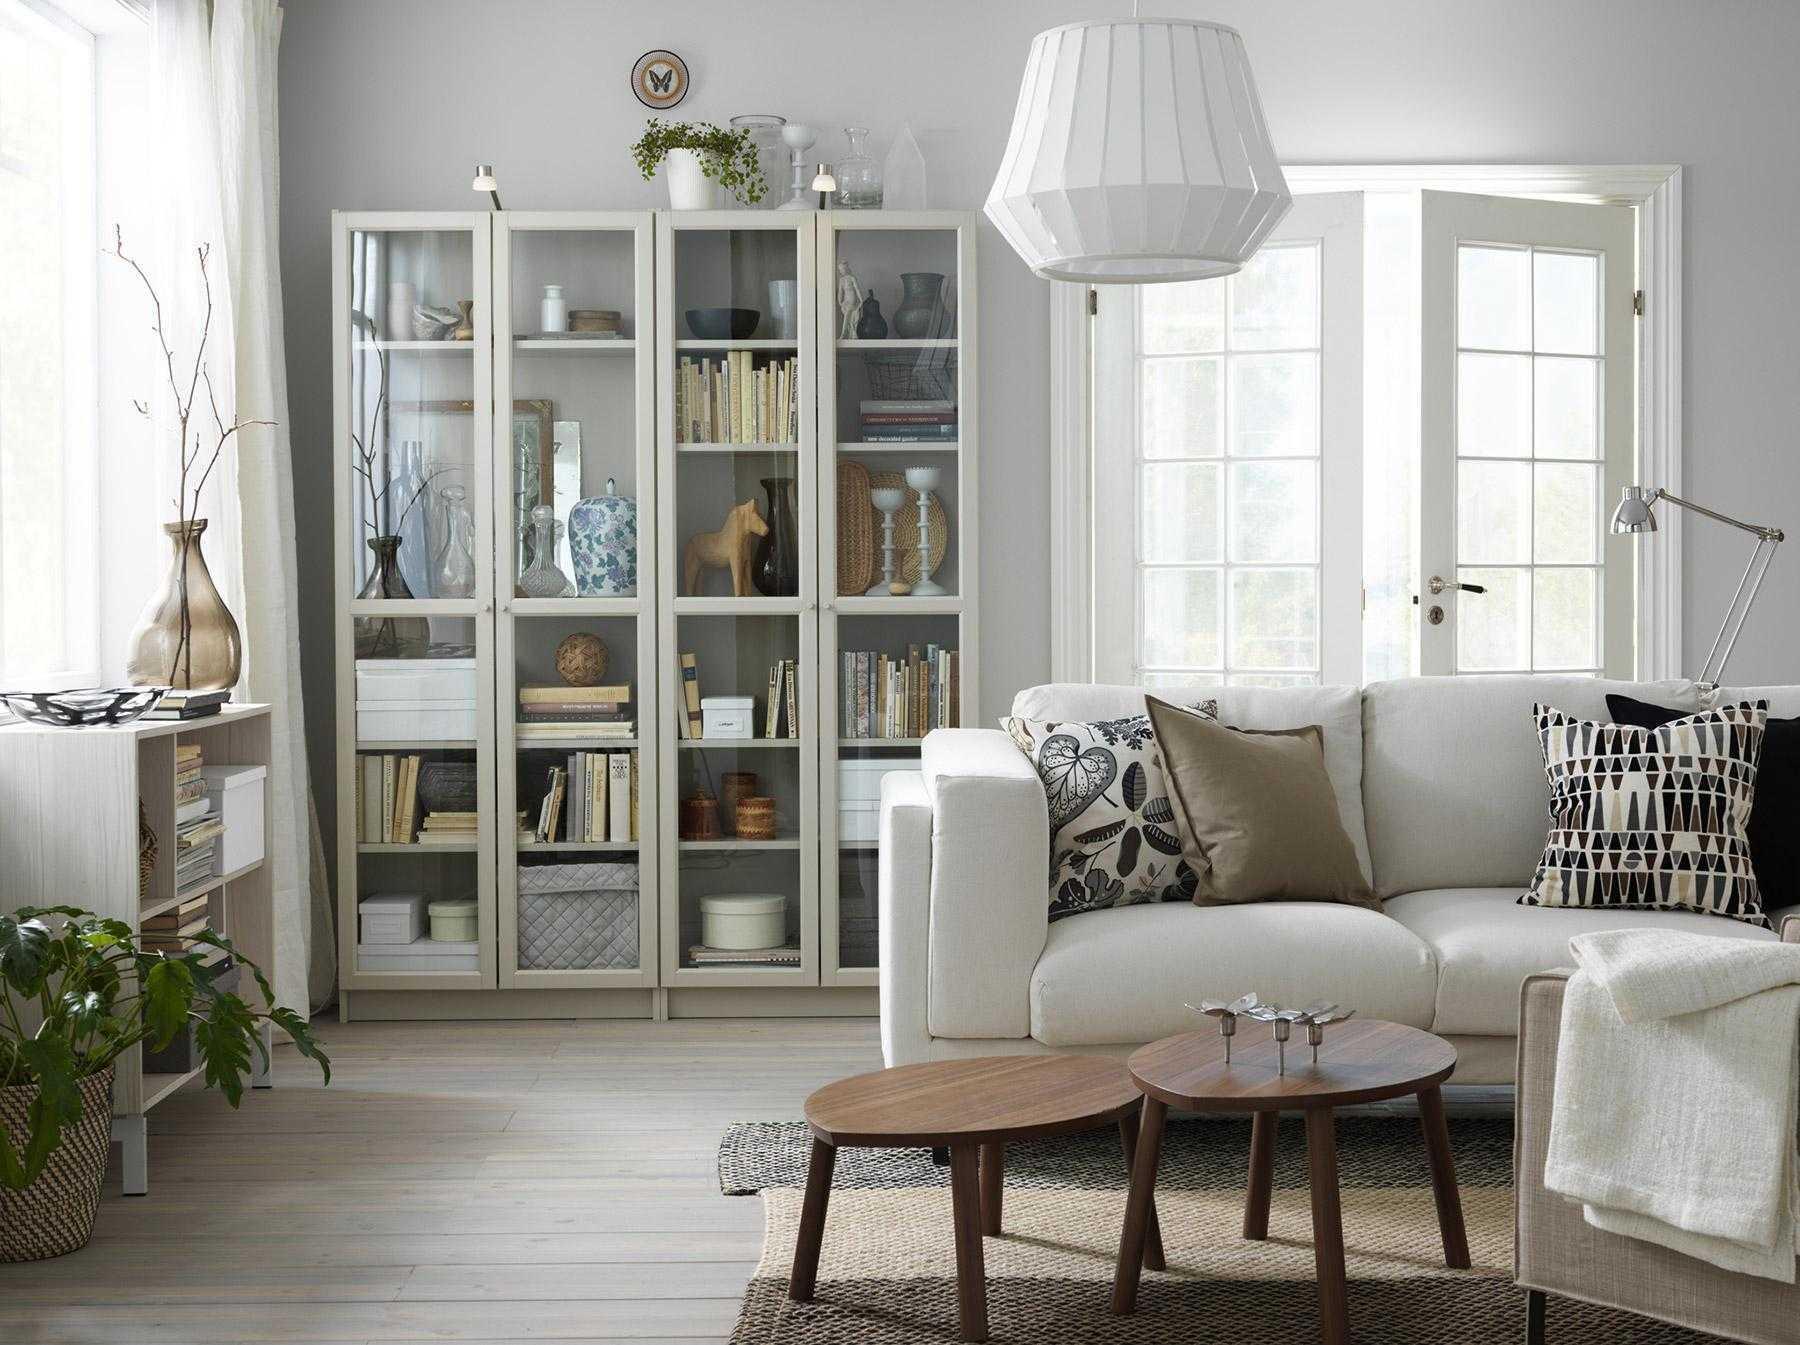 Vi sveliamo cosa significano i nomi dei 10 prodotti di IKEA più amati di tutti i tempi